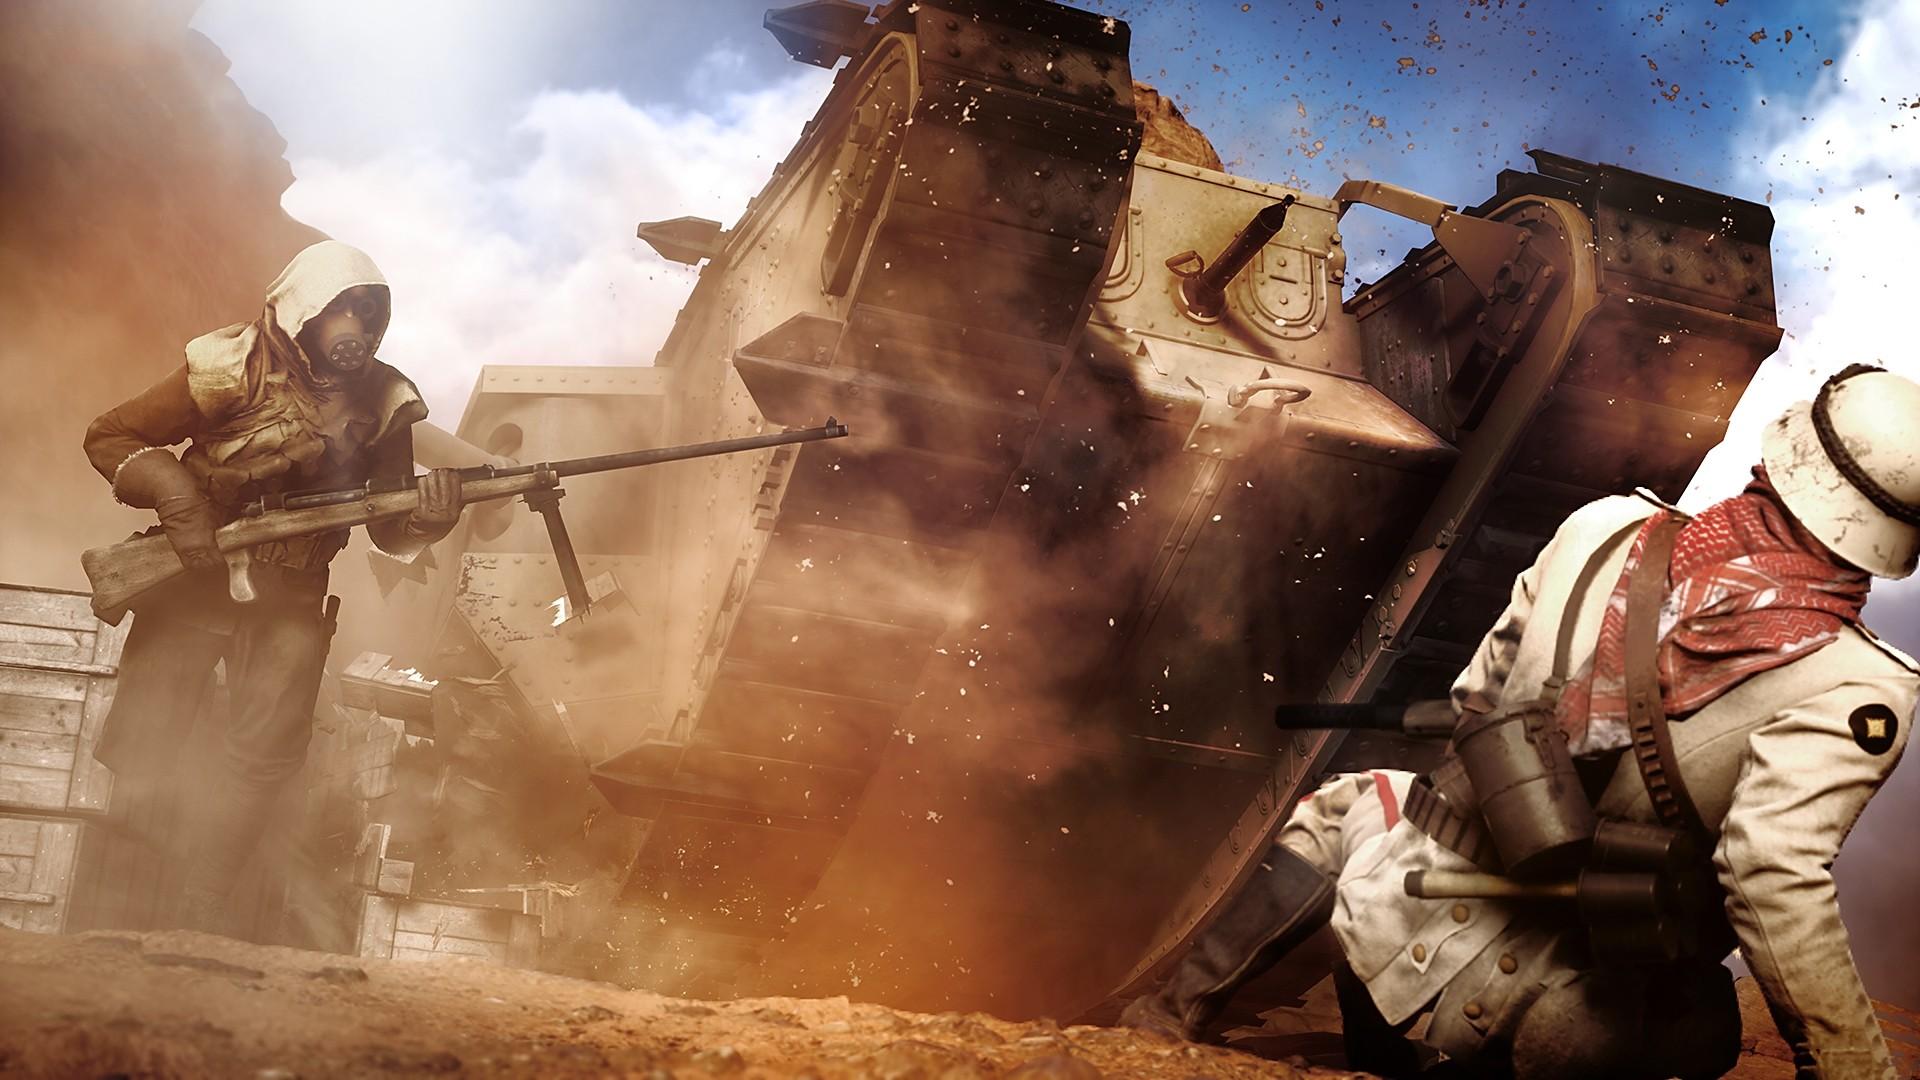 Battlefield 1 hd wallpaper for pc